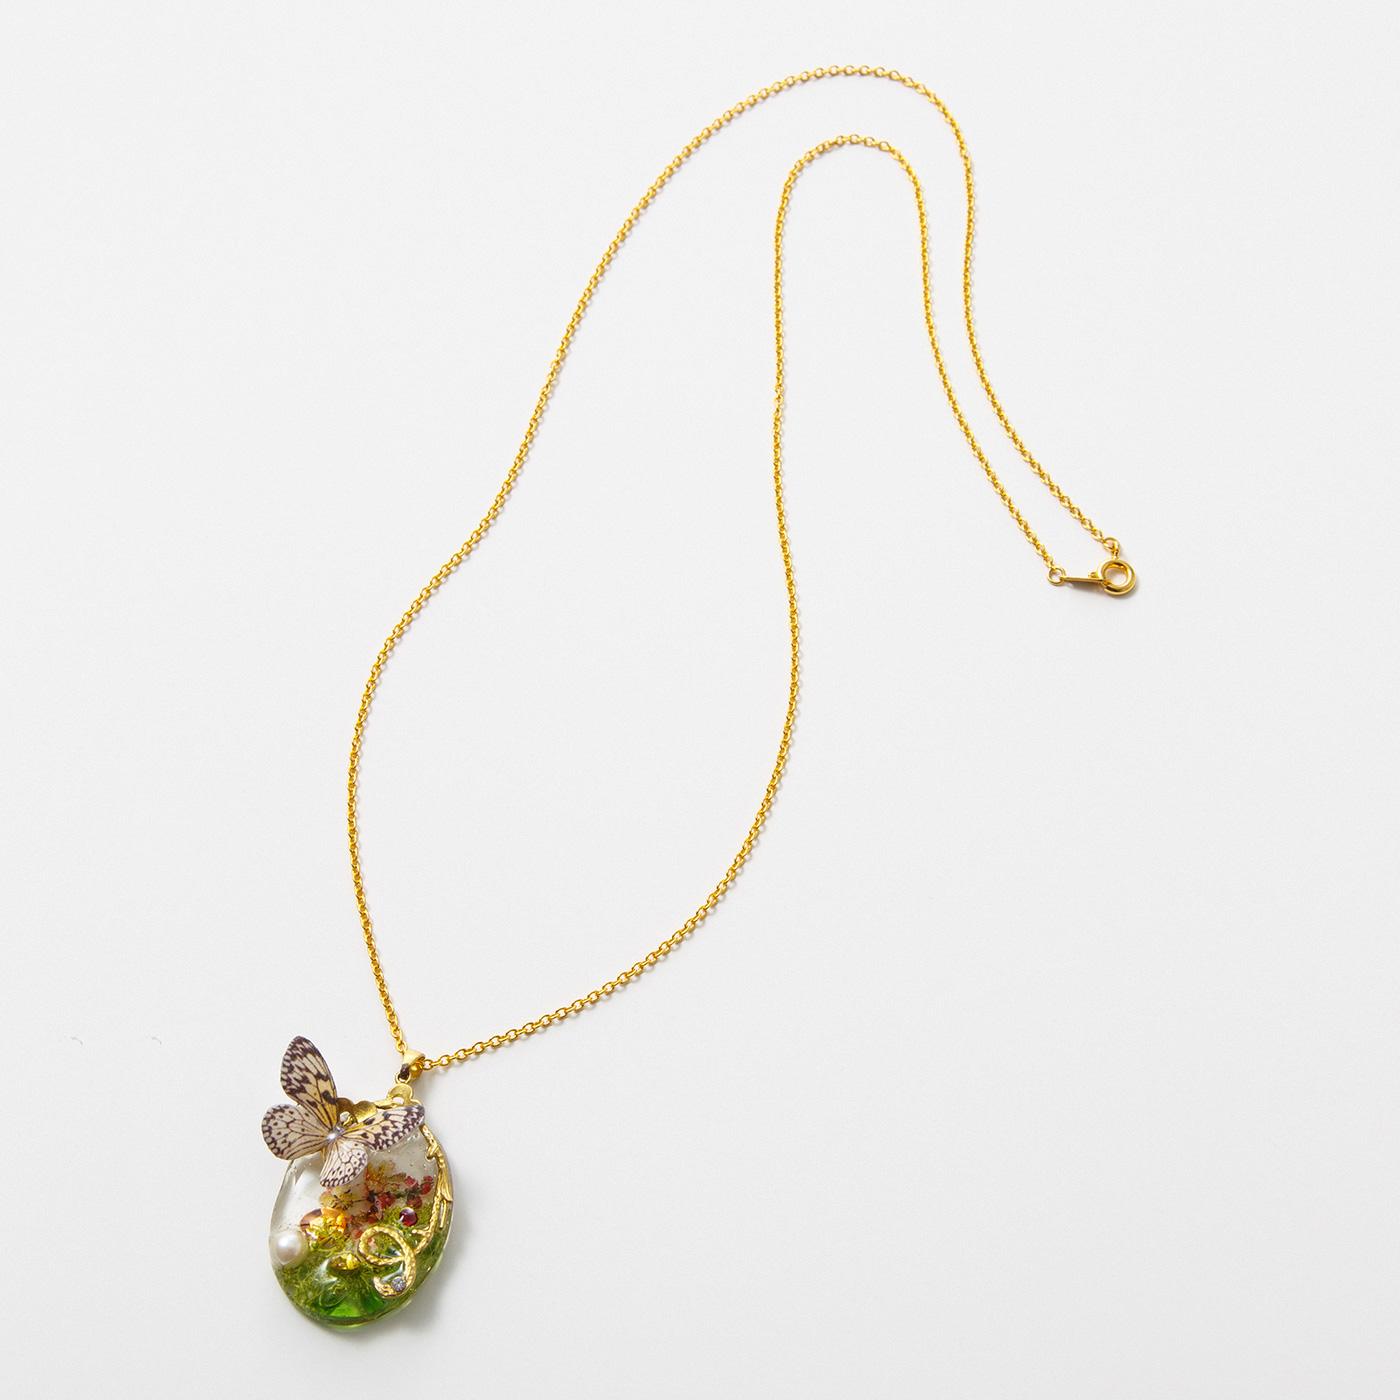 蝶(ちょう)のネックレス 今にも羽ばたきそうな蝶をリアルに表現しています。